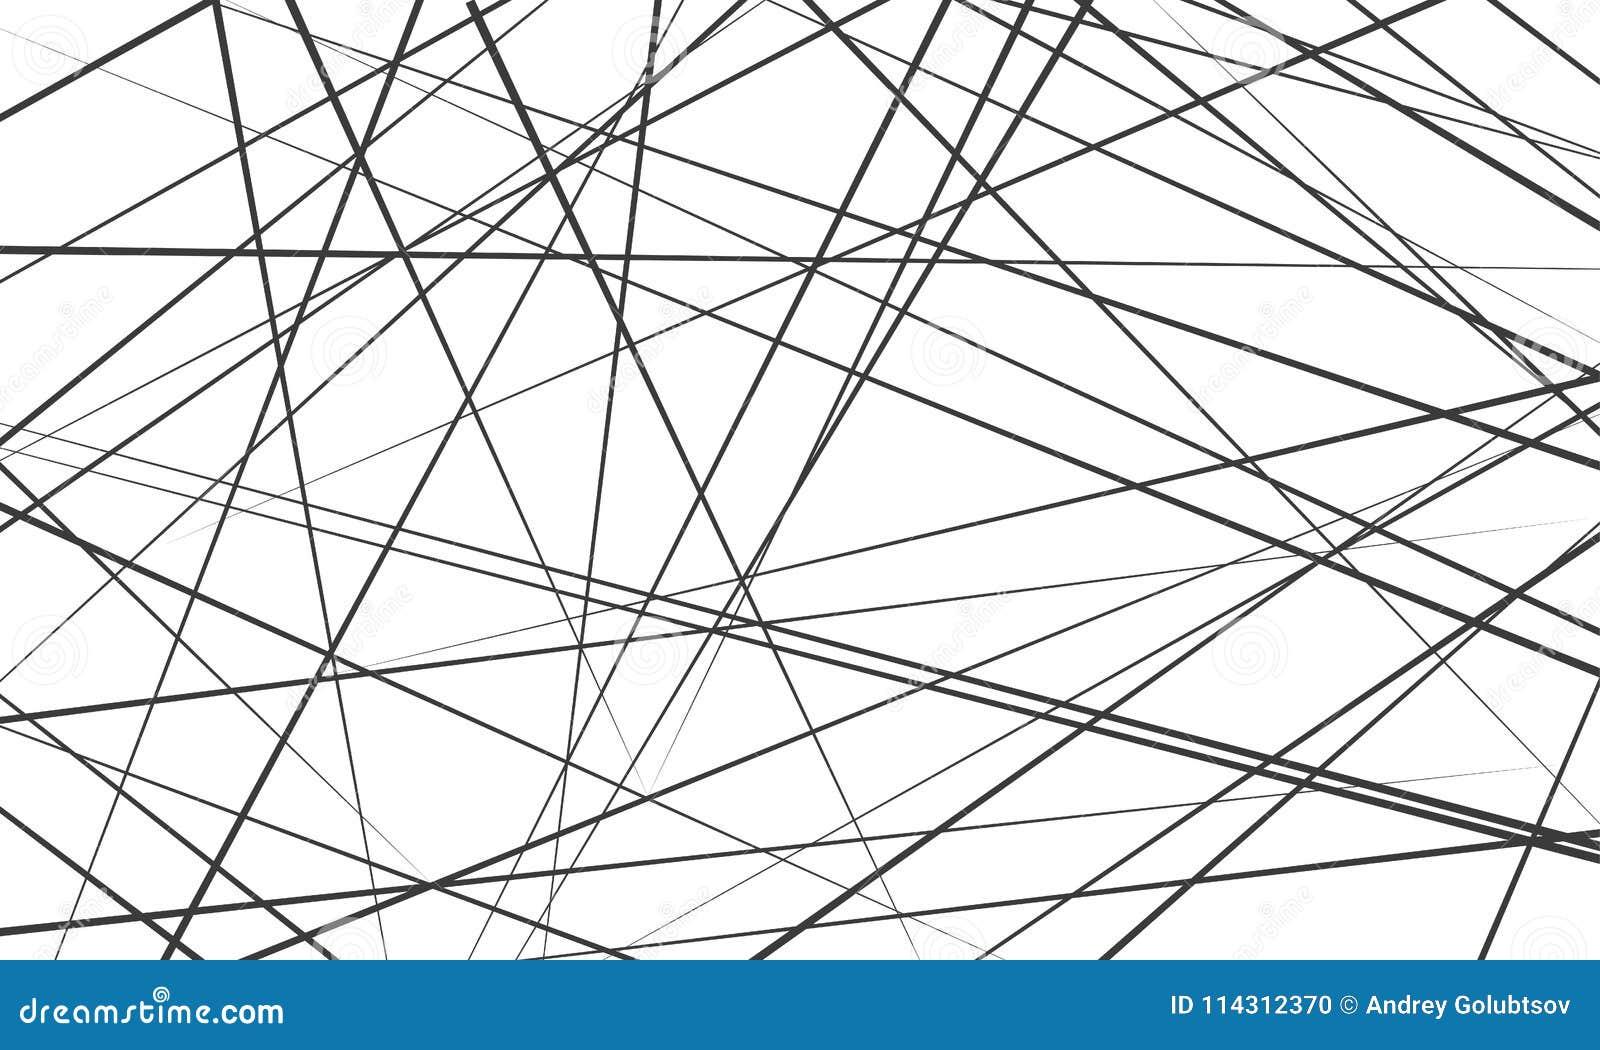 Хаотические абстрактные линии предпосылка картины вектора